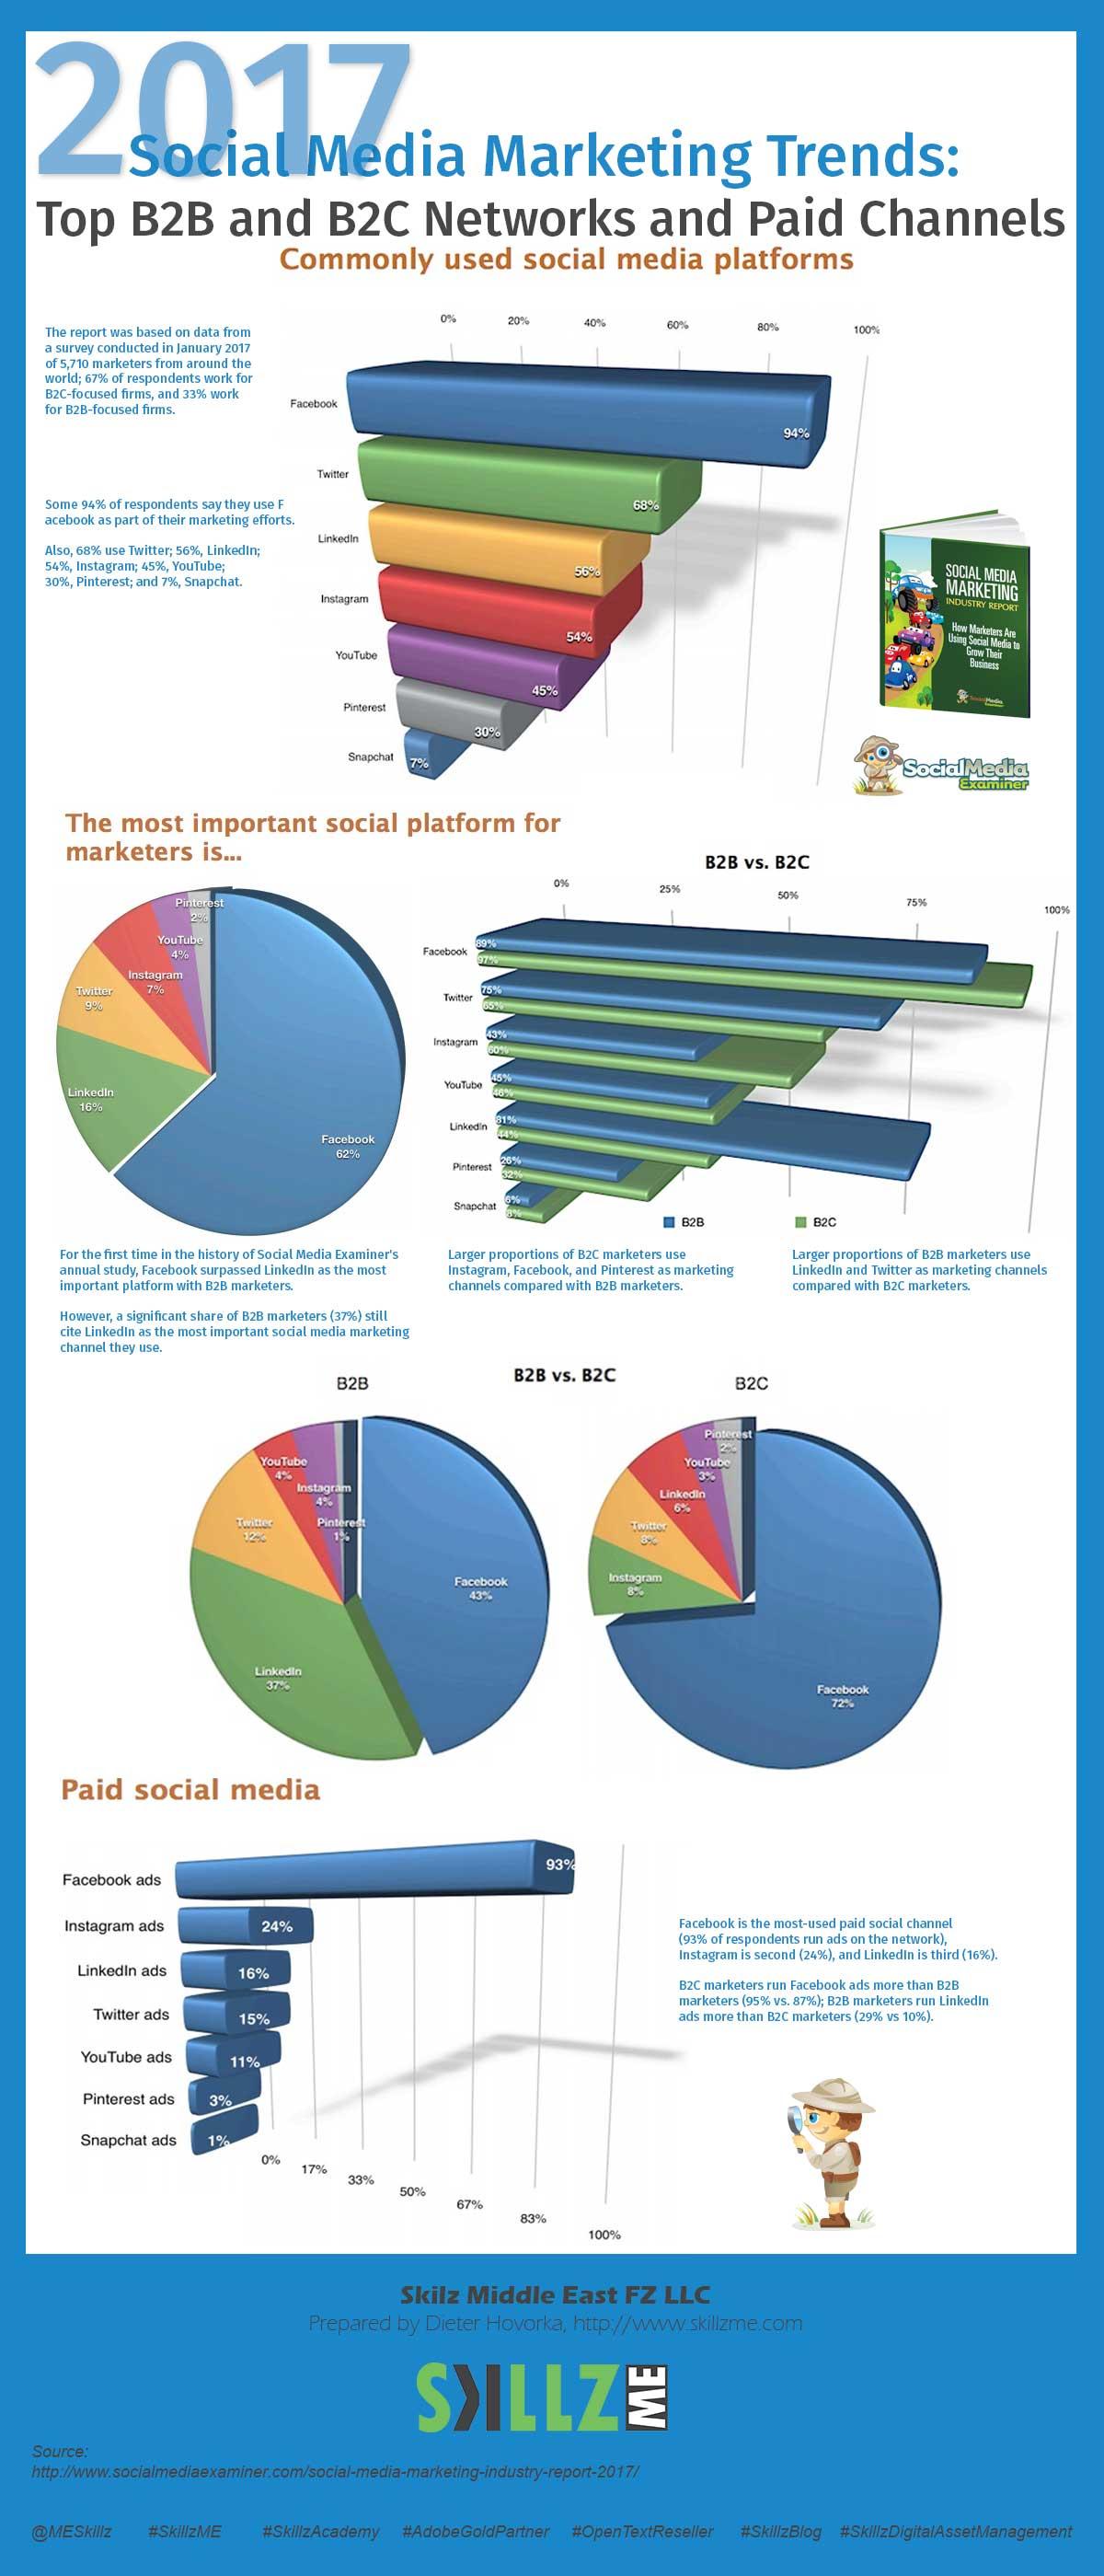 2017 Social Media Marketing Trends Industry Report